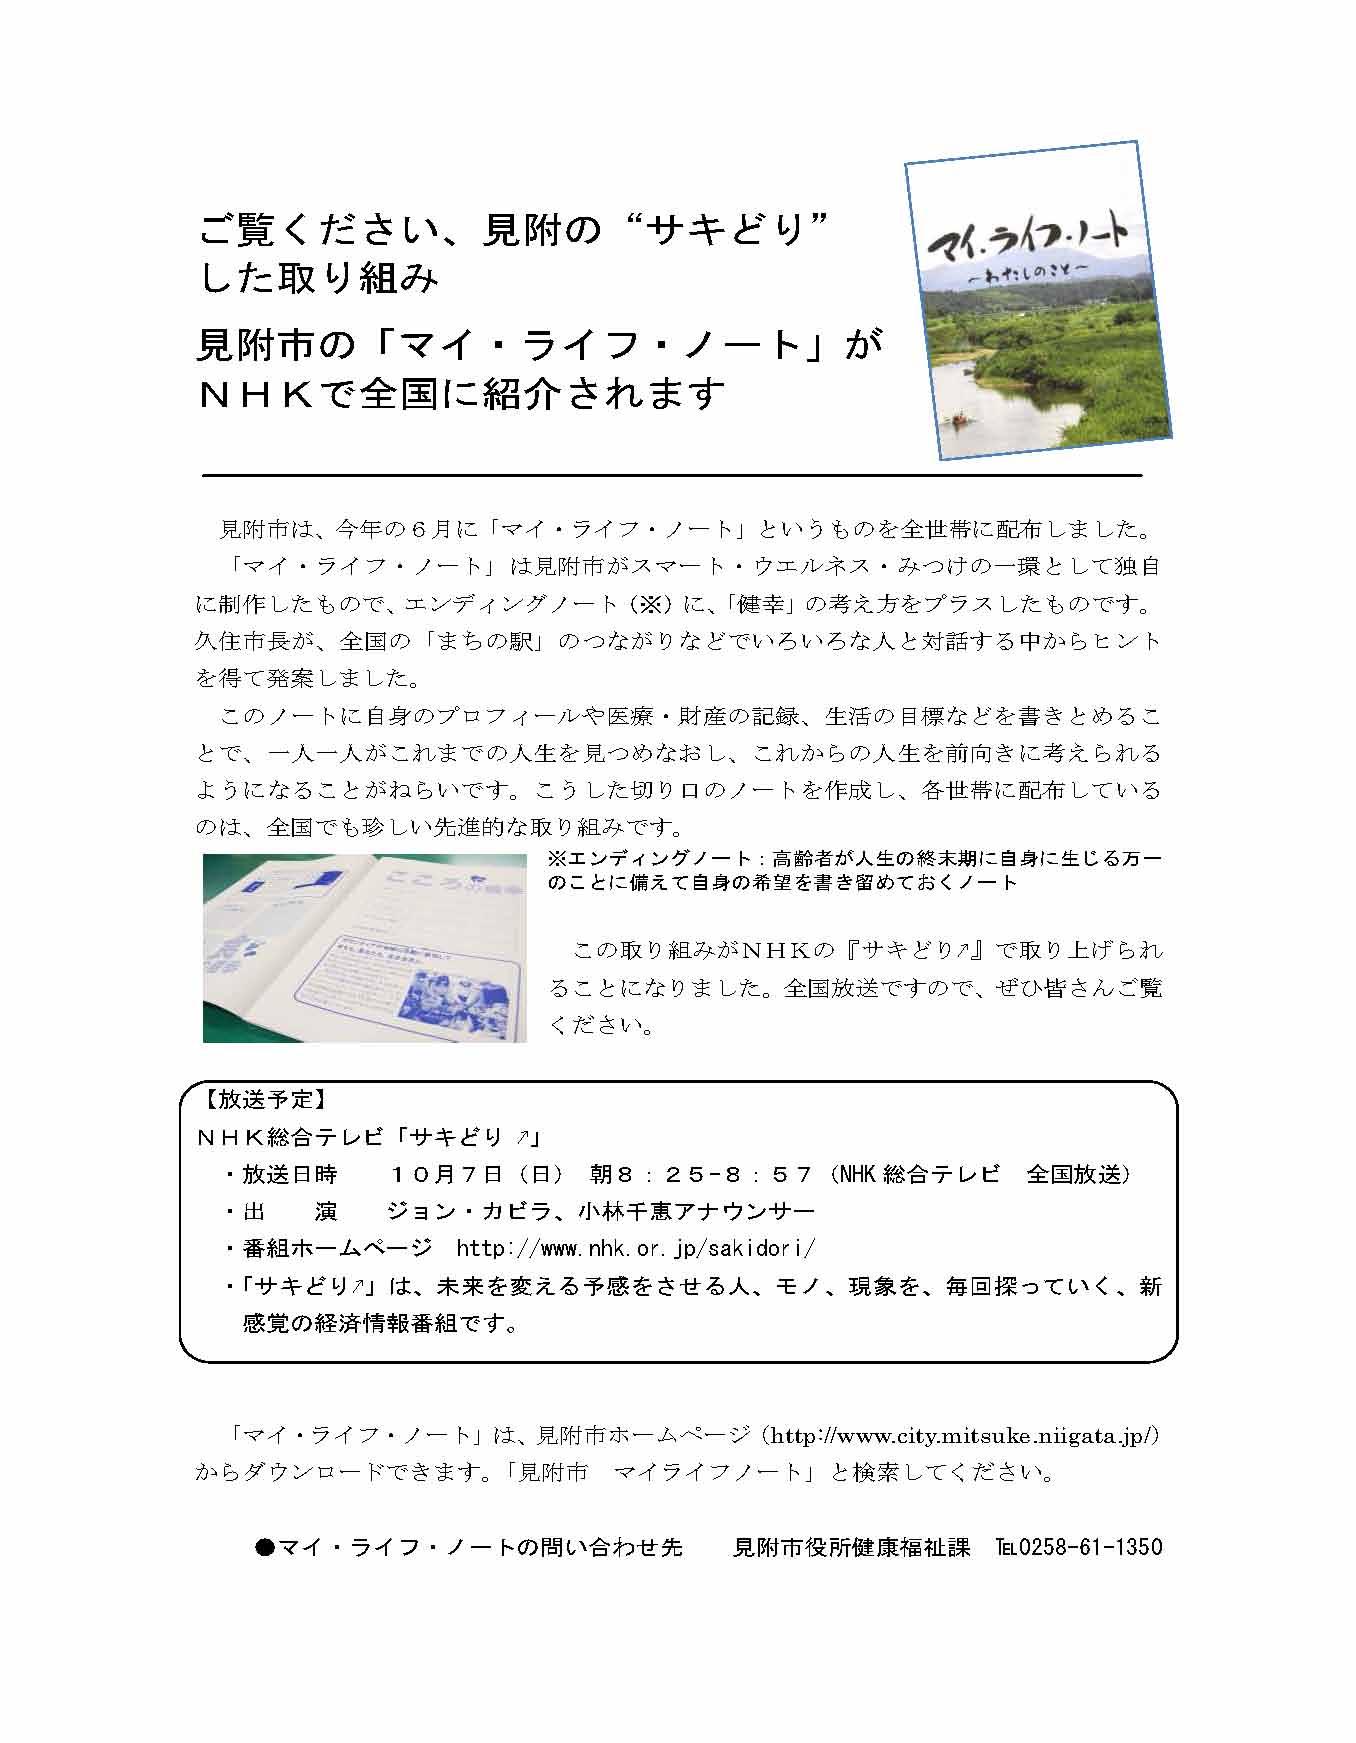 「マイ・ライフ・ノート」がNHKで放映されます。_a0259243_17575888.jpg